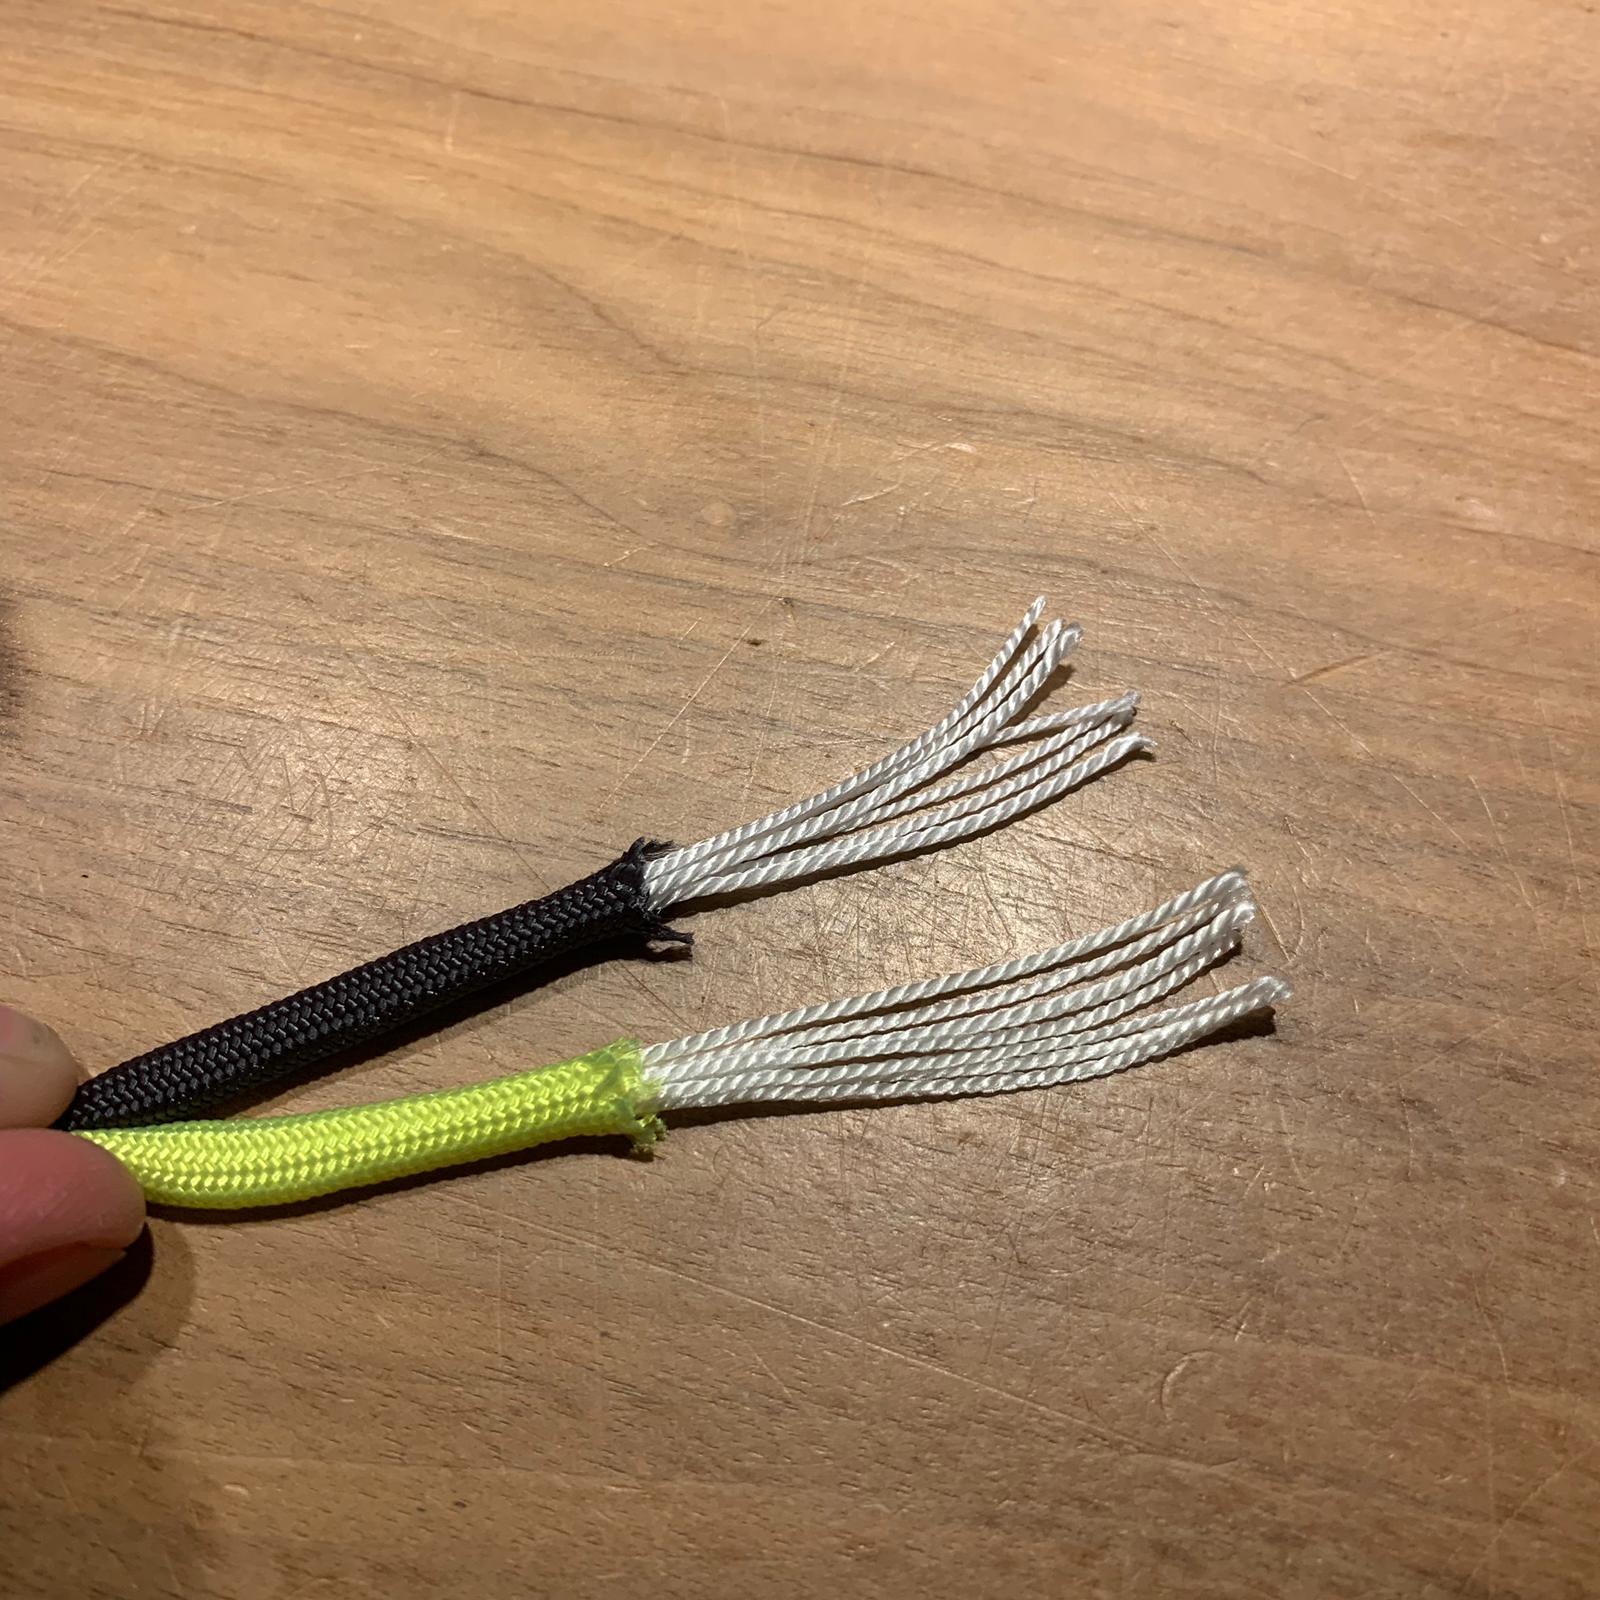 Cobra-Knoten Paracord-Beispiel